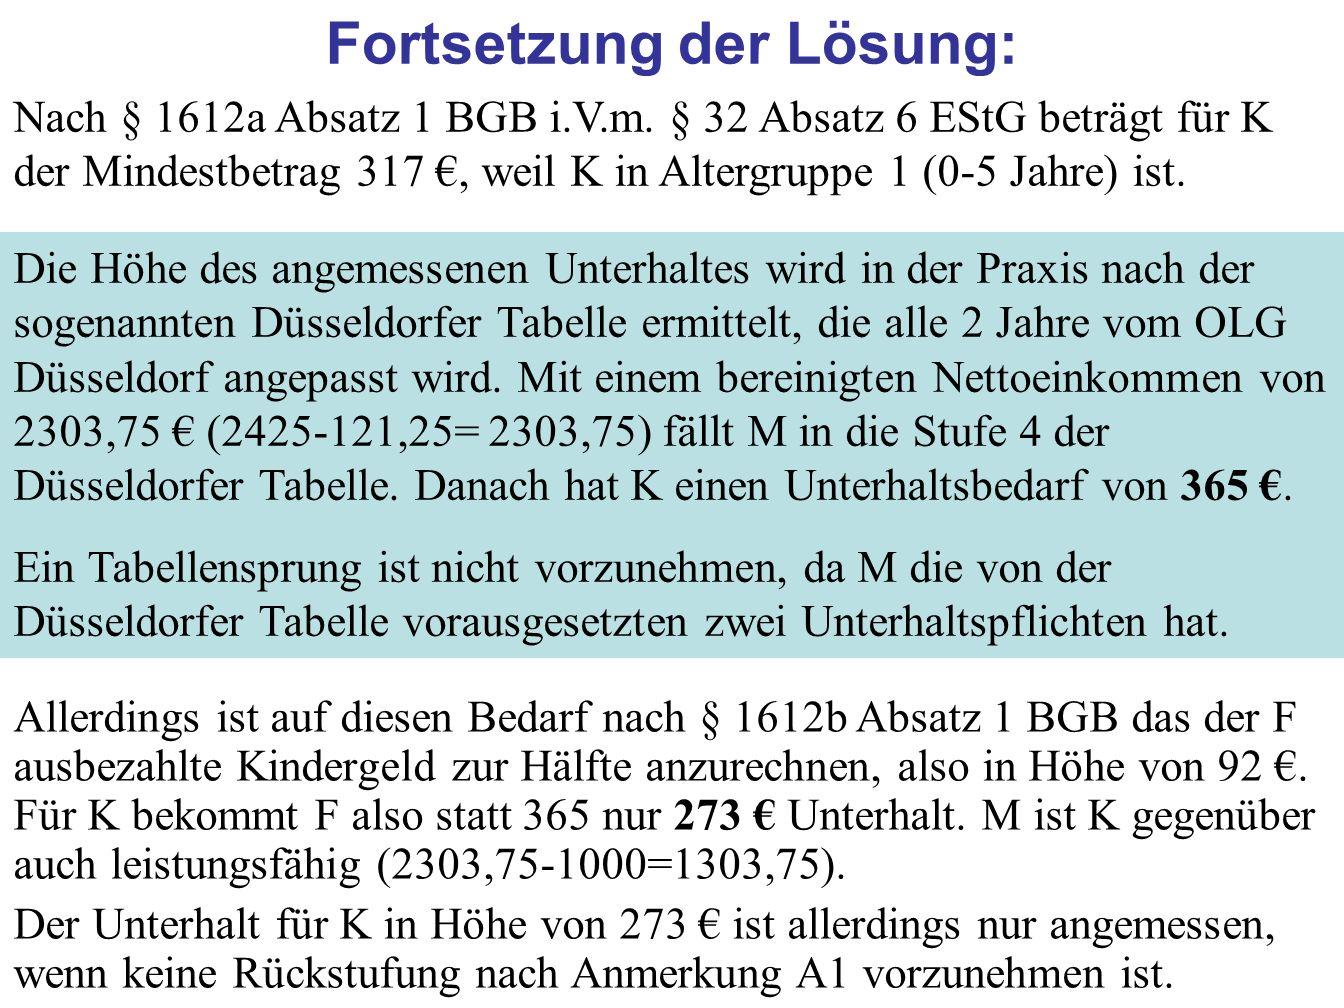 63 Fortsetzung der Lösung: Nach § 1612a Absatz 1 BGB i.V.m. § 32 Absatz 6 EStG beträgt für K der Mindestbetrag 317, weil K in Altergruppe 1 (0-5 Jahre